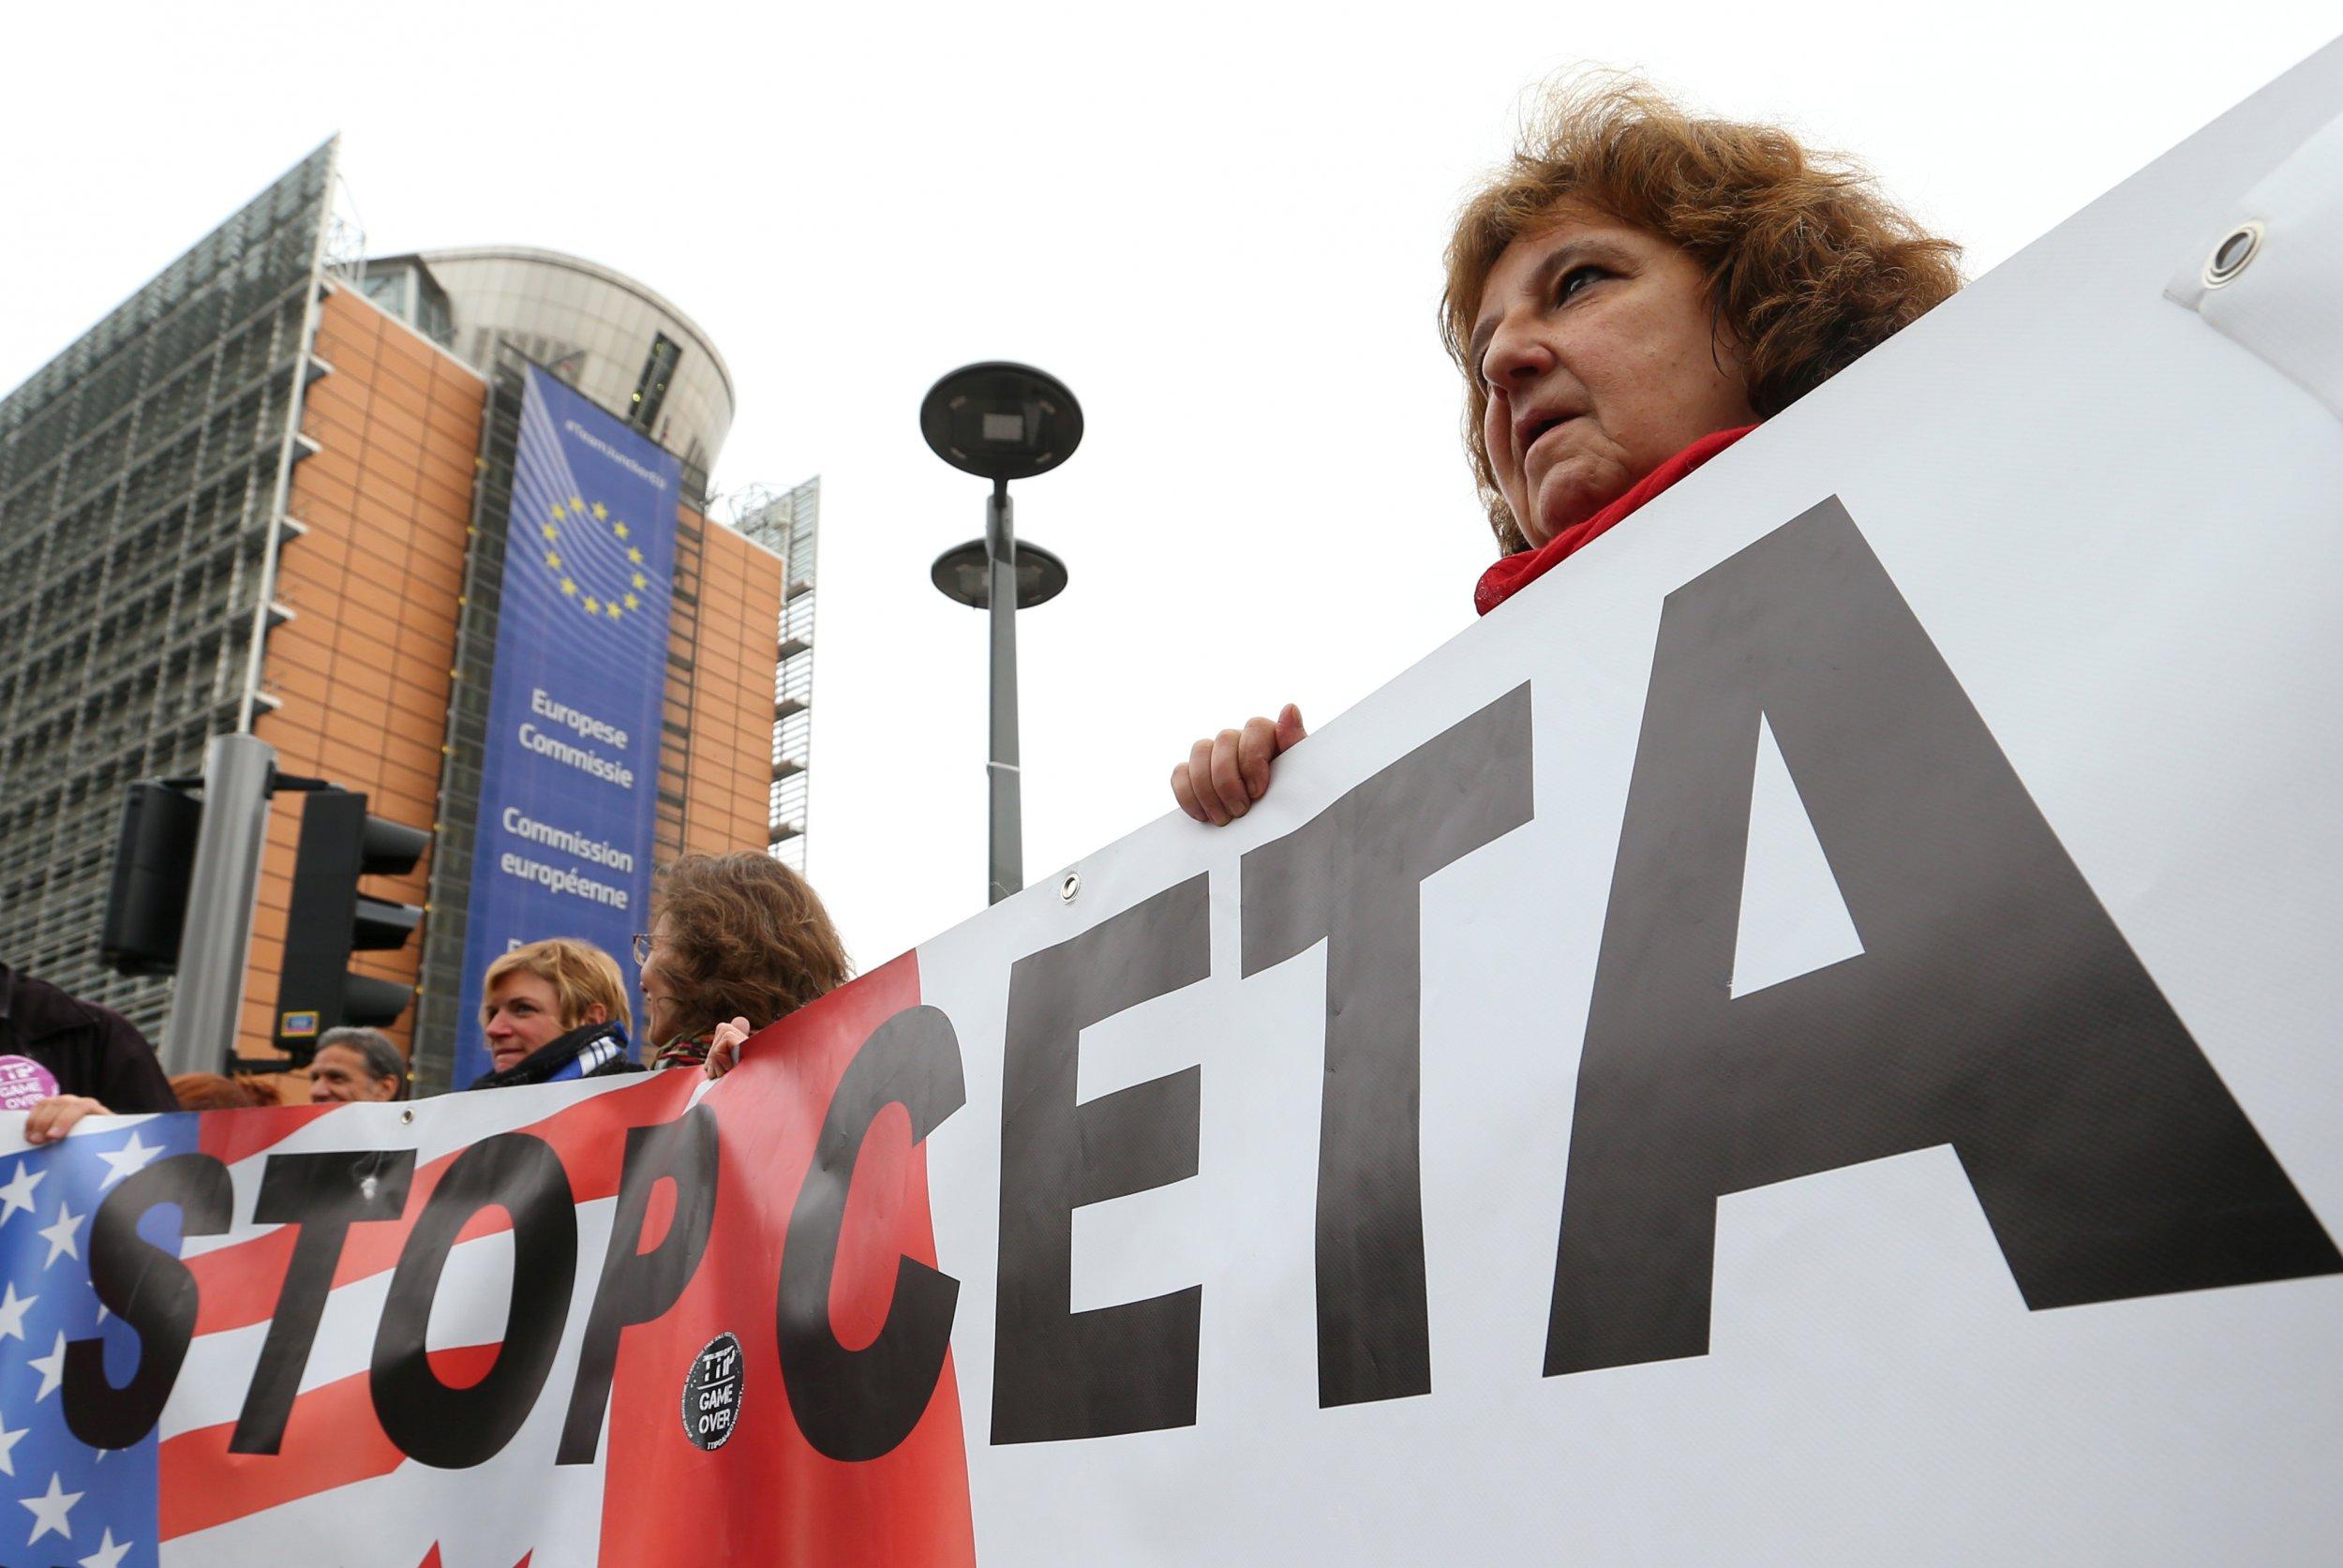 Anti-CETA demonstrators